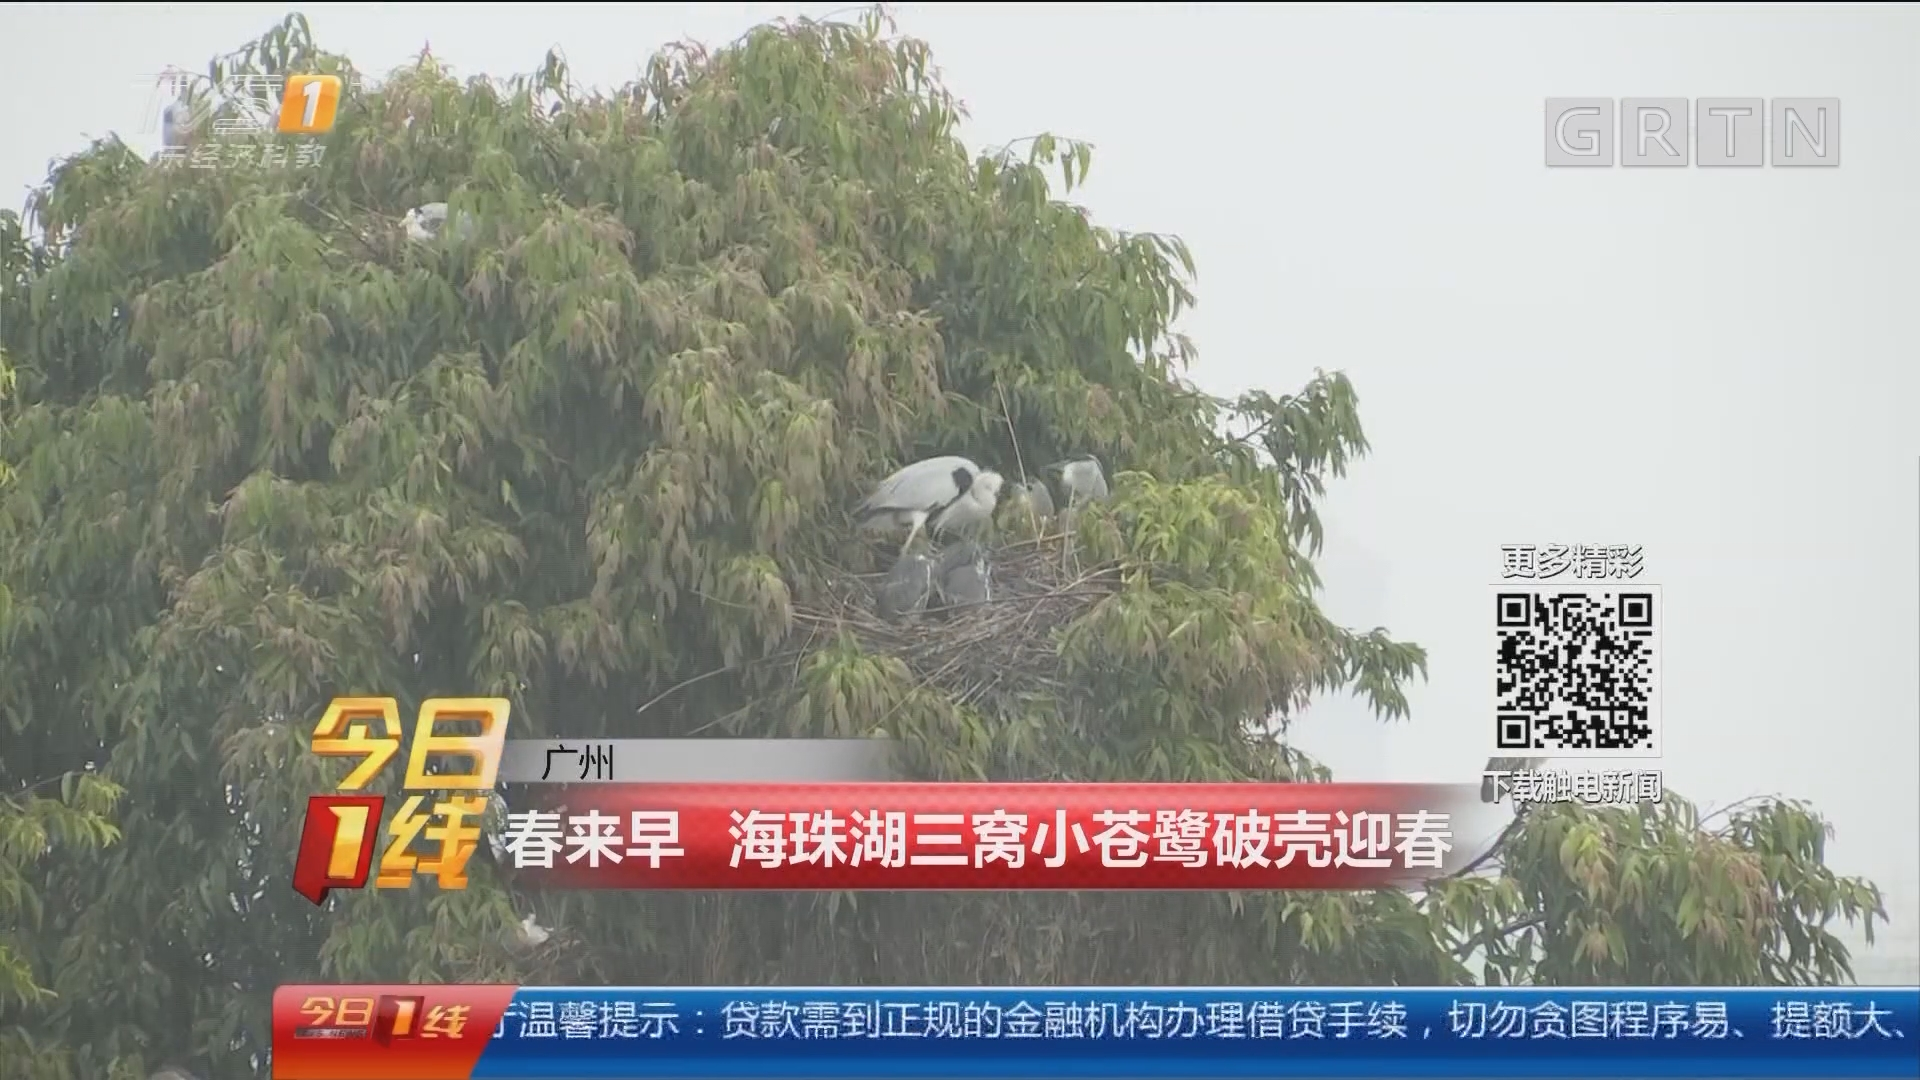 广州:春来早 海珠湖三窝小苍鹭破壳迎春